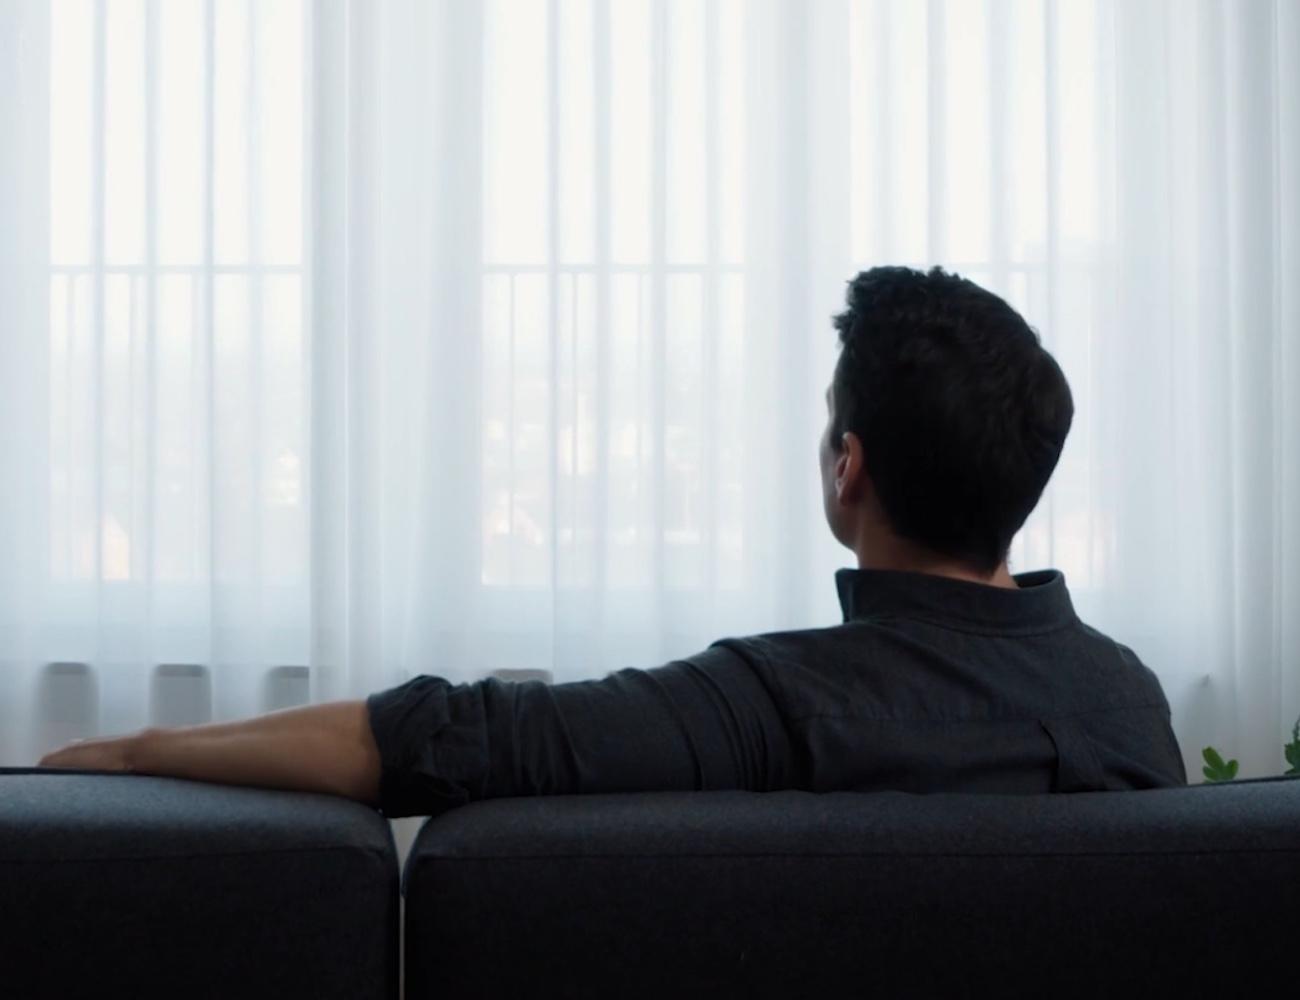 IKEA GUNRID Air Purifying Curtain reduces common air pollutants